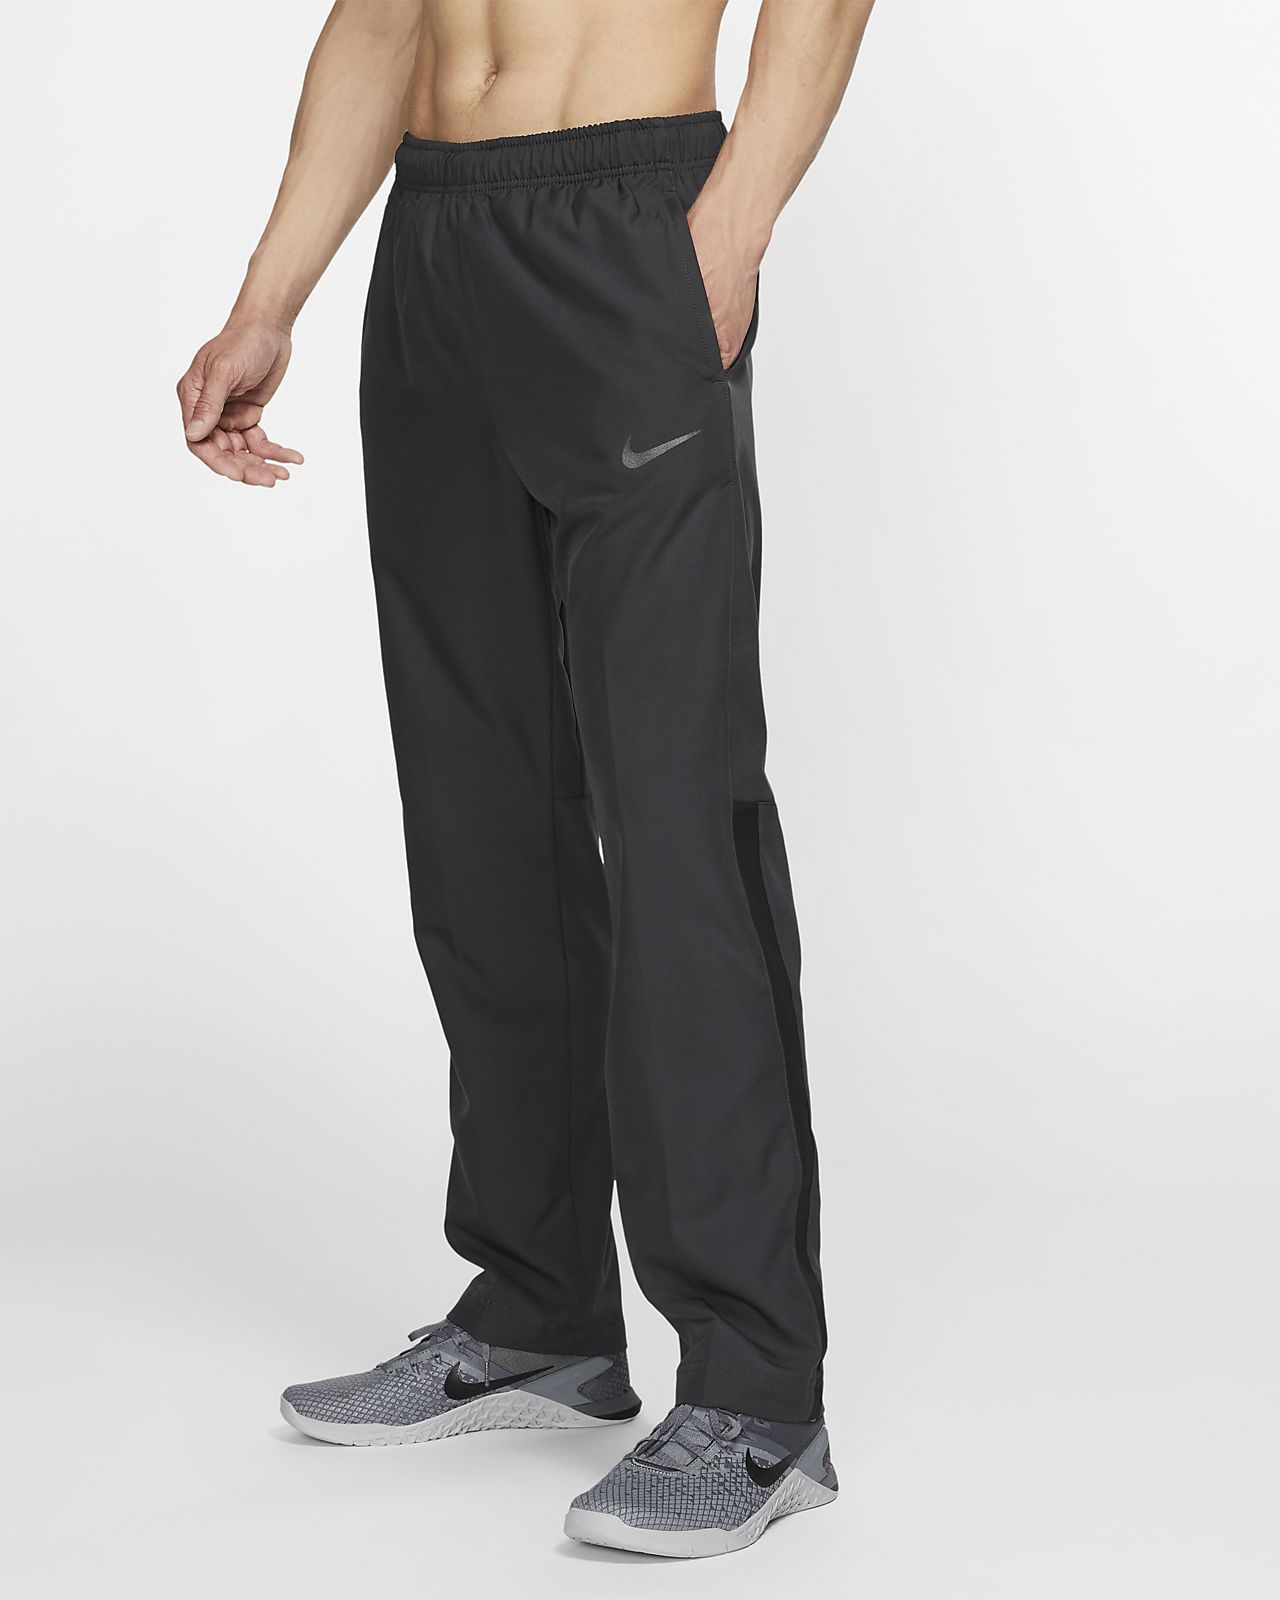 Pánské tréninkové kalhoty Nike Dri-FIT